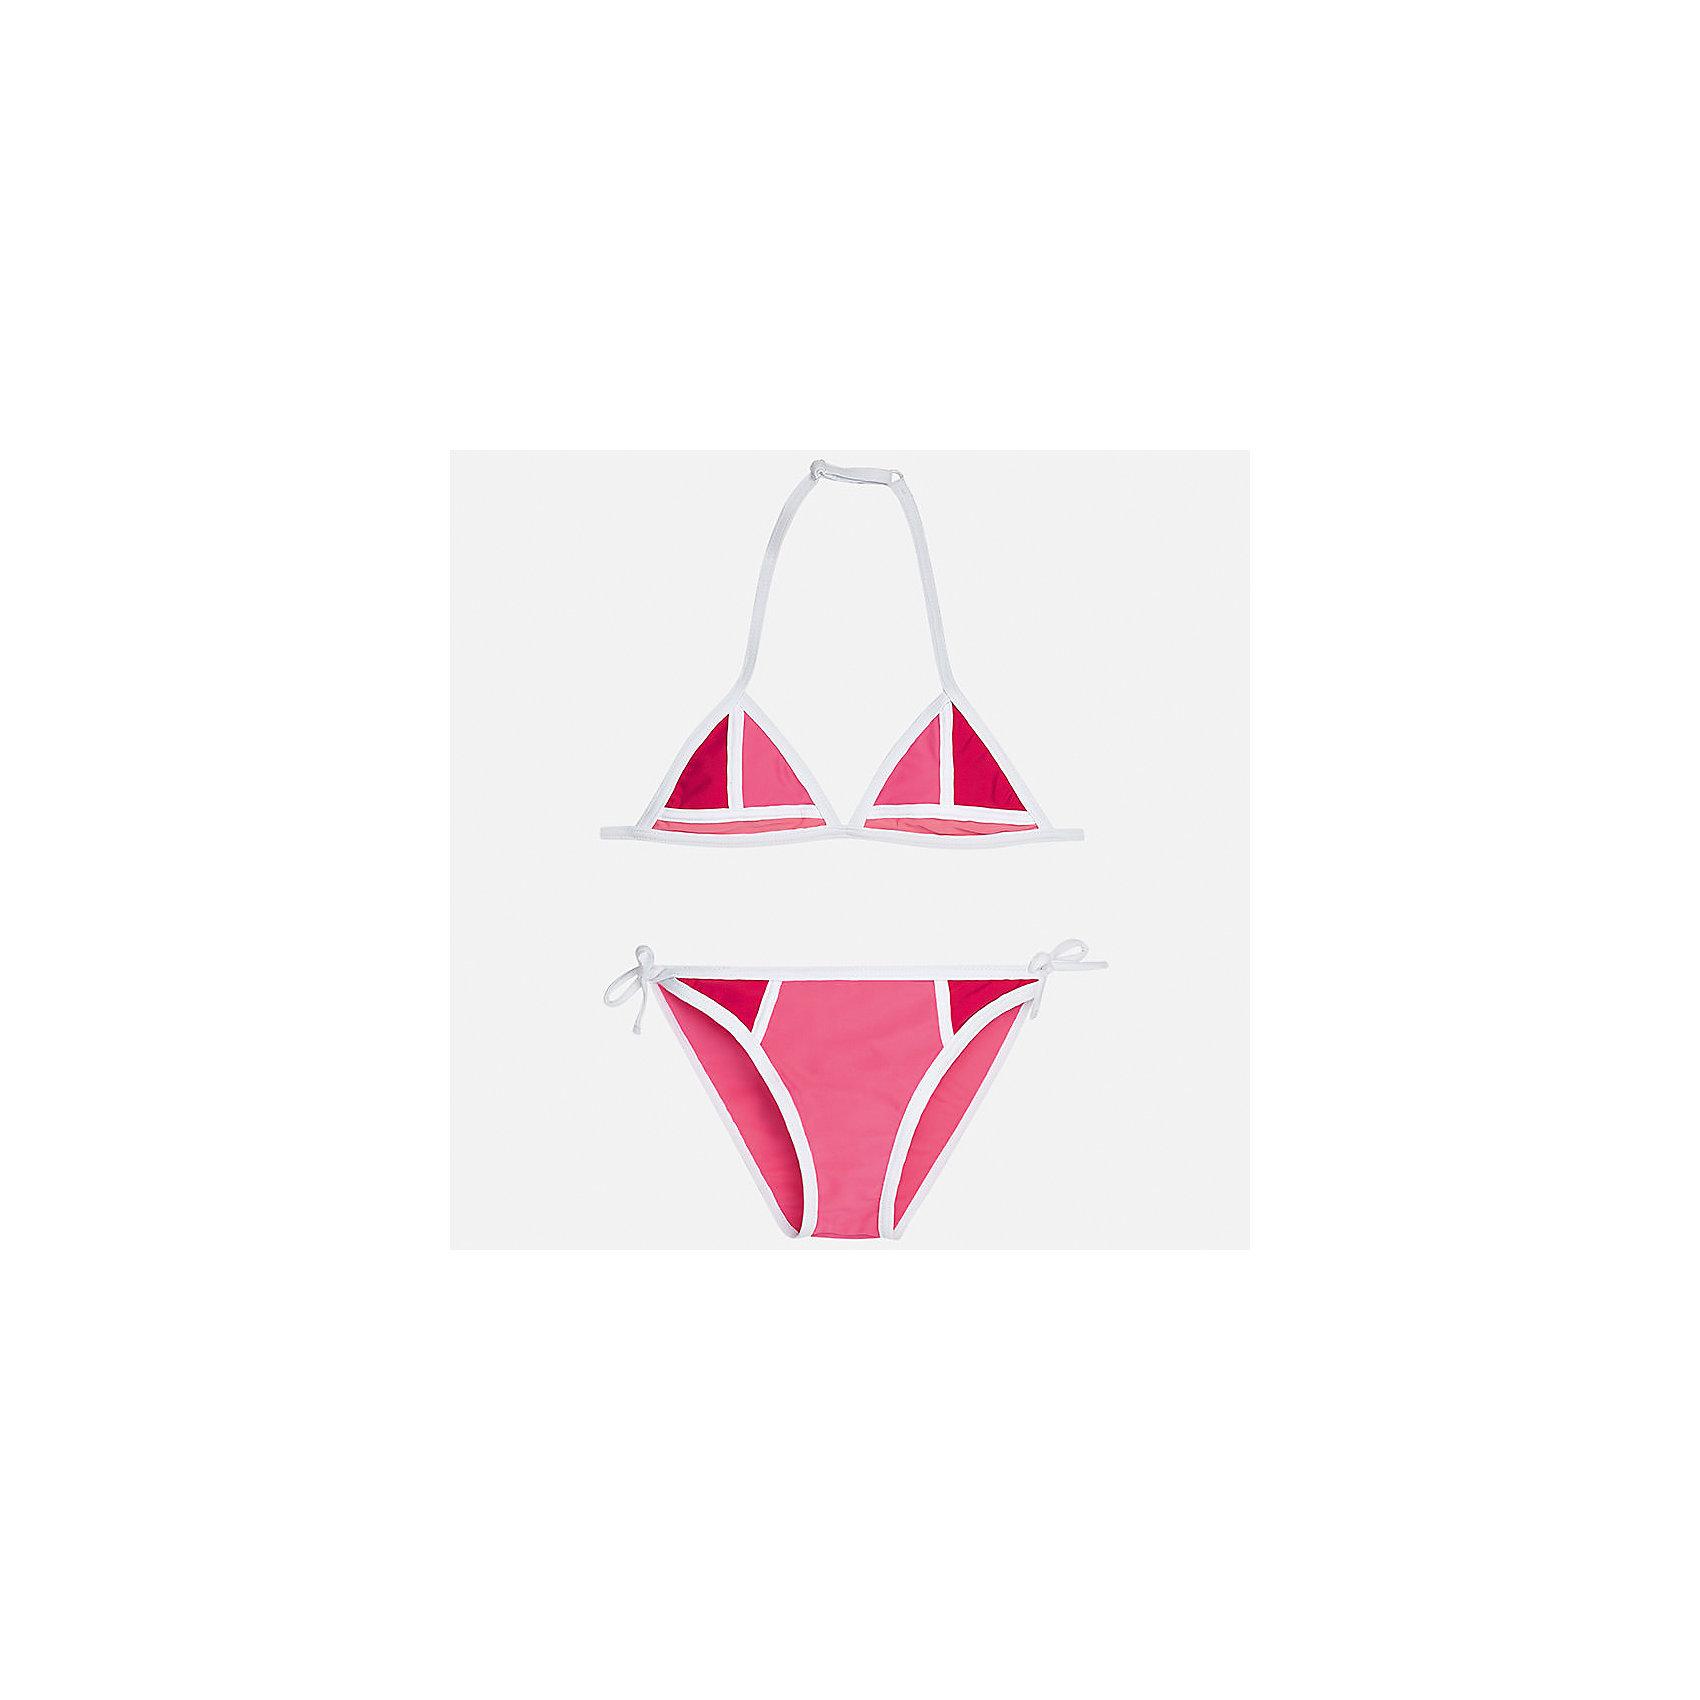 Купальник раздельный для девочки MayoralКупальники и плавки<br>Характеристики товара:<br><br>• цвет: розовый<br>• состав: верх - 80% полиамид, 20% эластан, подкладка - 96% полиамид, 4% эластан<br>• комбинированный материал <br>• тип: раздельный, 2 предмета<br>• регулируется размер<br>• быстросохнущий материал<br>• страна бренда: Испания<br><br>Одежда для купания должна быть удобной! Этот купальник для девочки не только хорошо сидит на ребенке, не стесняя движения и не натирая, он отлично смотрится! Предметы сшиты из плотной ткани, но она очень быстро высыхает. Интересная отделка модели делает её нарядной и оригинальной. <br><br>Одежда, обувь и аксессуары от испанского бренда Mayoral полюбились детям и взрослым по всему миру. Модели этой марки - стильные и удобные. Для их производства используются только безопасные, качественные материалы и фурнитура. Порадуйте ребенка модными и красивыми вещами от Mayoral! <br><br>Купальник для девочки от испанского бренда Mayoral (Майорал) можно купить в нашем интернет-магазине.<br><br>Ширина мм: 183<br>Глубина мм: 60<br>Высота мм: 135<br>Вес г: 119<br>Цвет: фиолетовый<br>Возраст от месяцев: 84<br>Возраст до месяцев: 96<br>Пол: Женский<br>Возраст: Детский<br>Размер: 128/134,140,152,158,164,170<br>SKU: 5293126